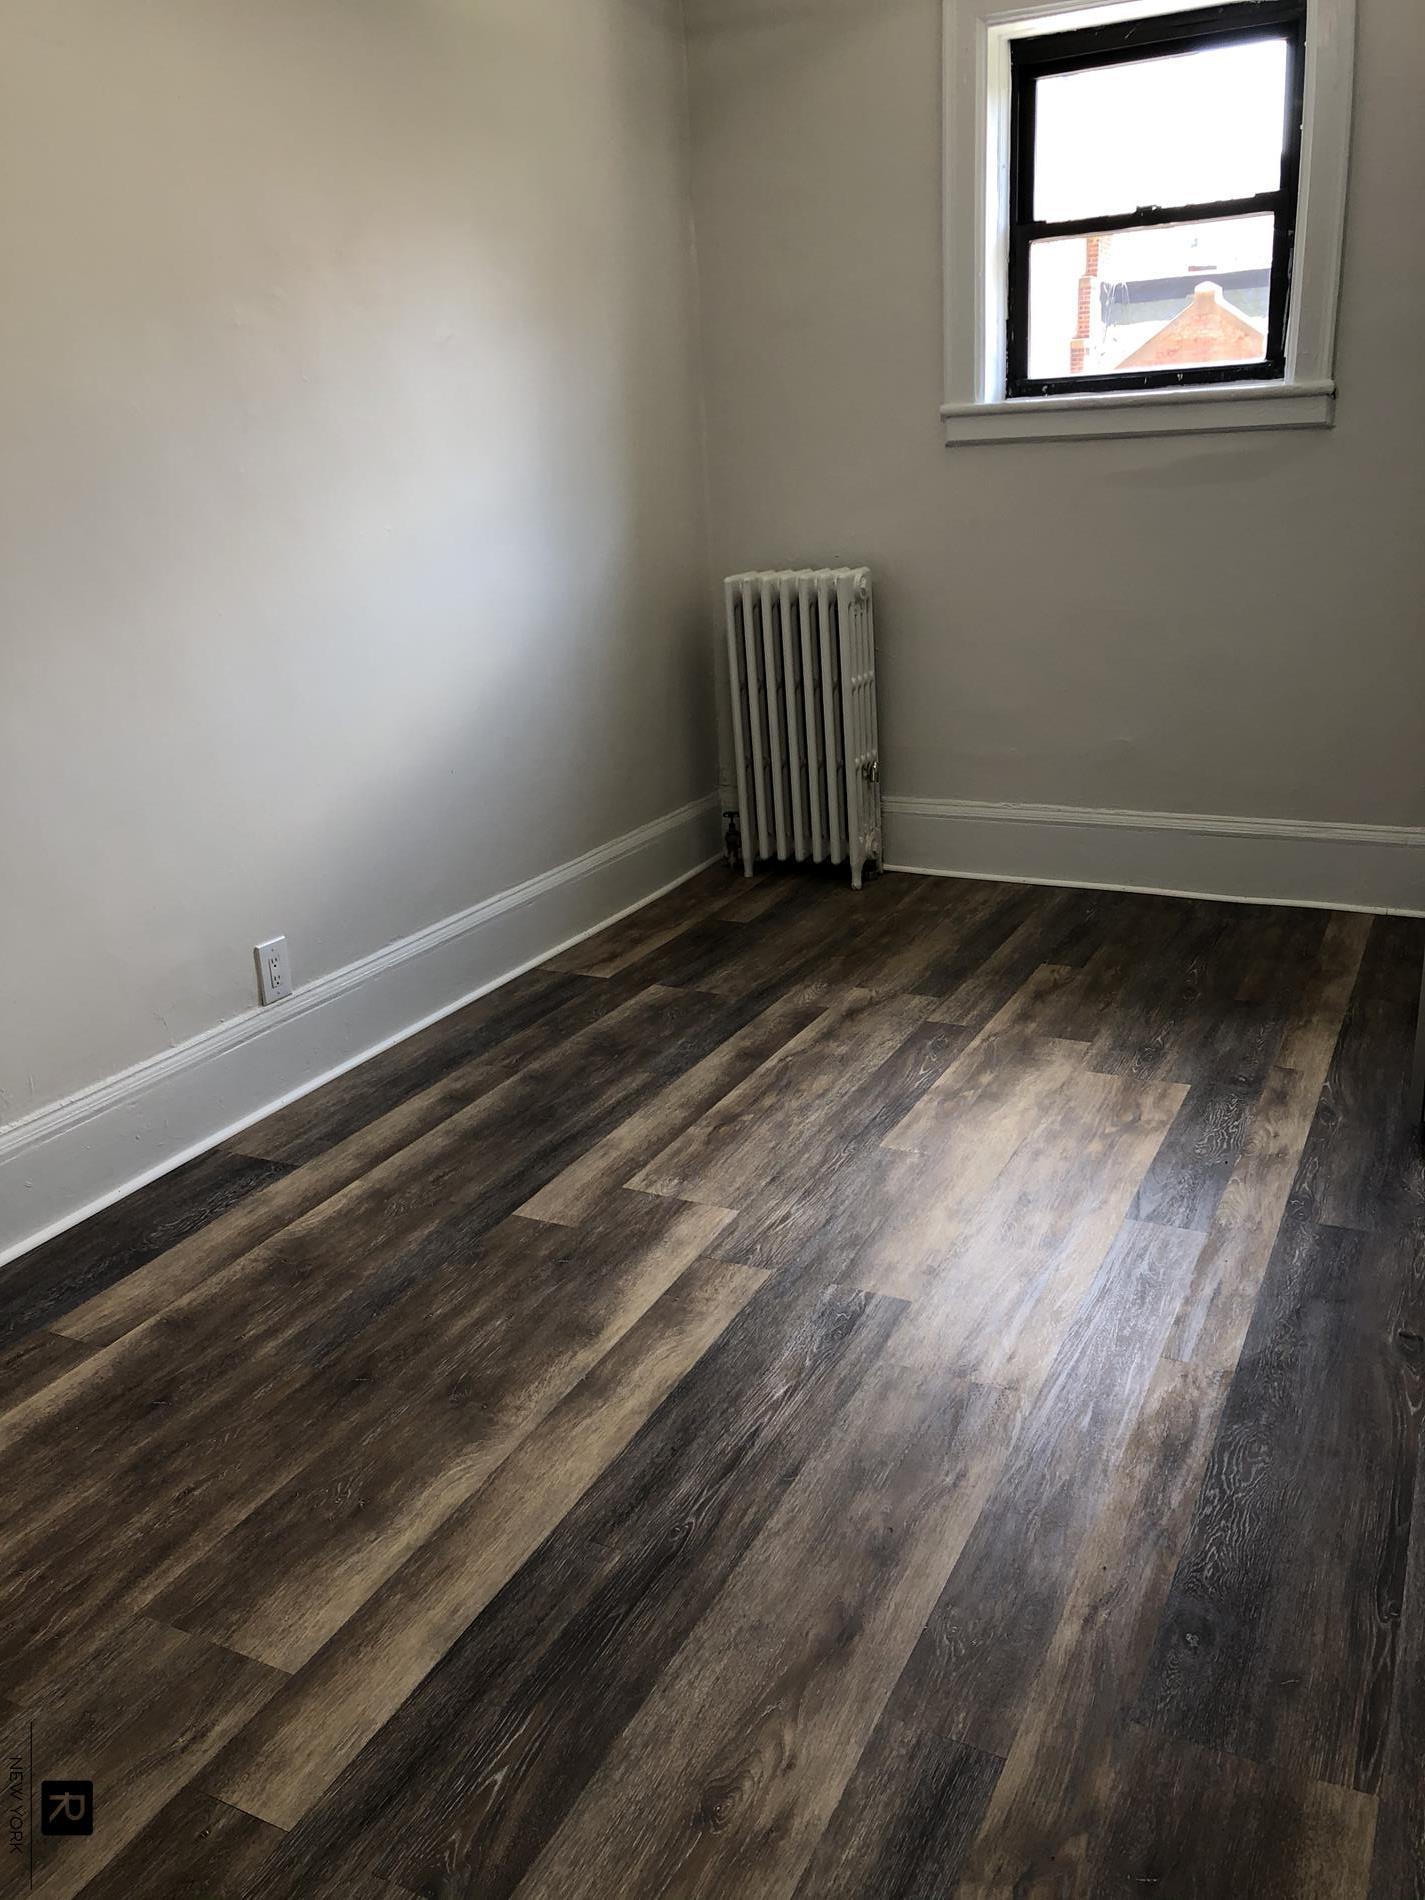 #1881523   321 west 89th Street #11, New York, NY 10024